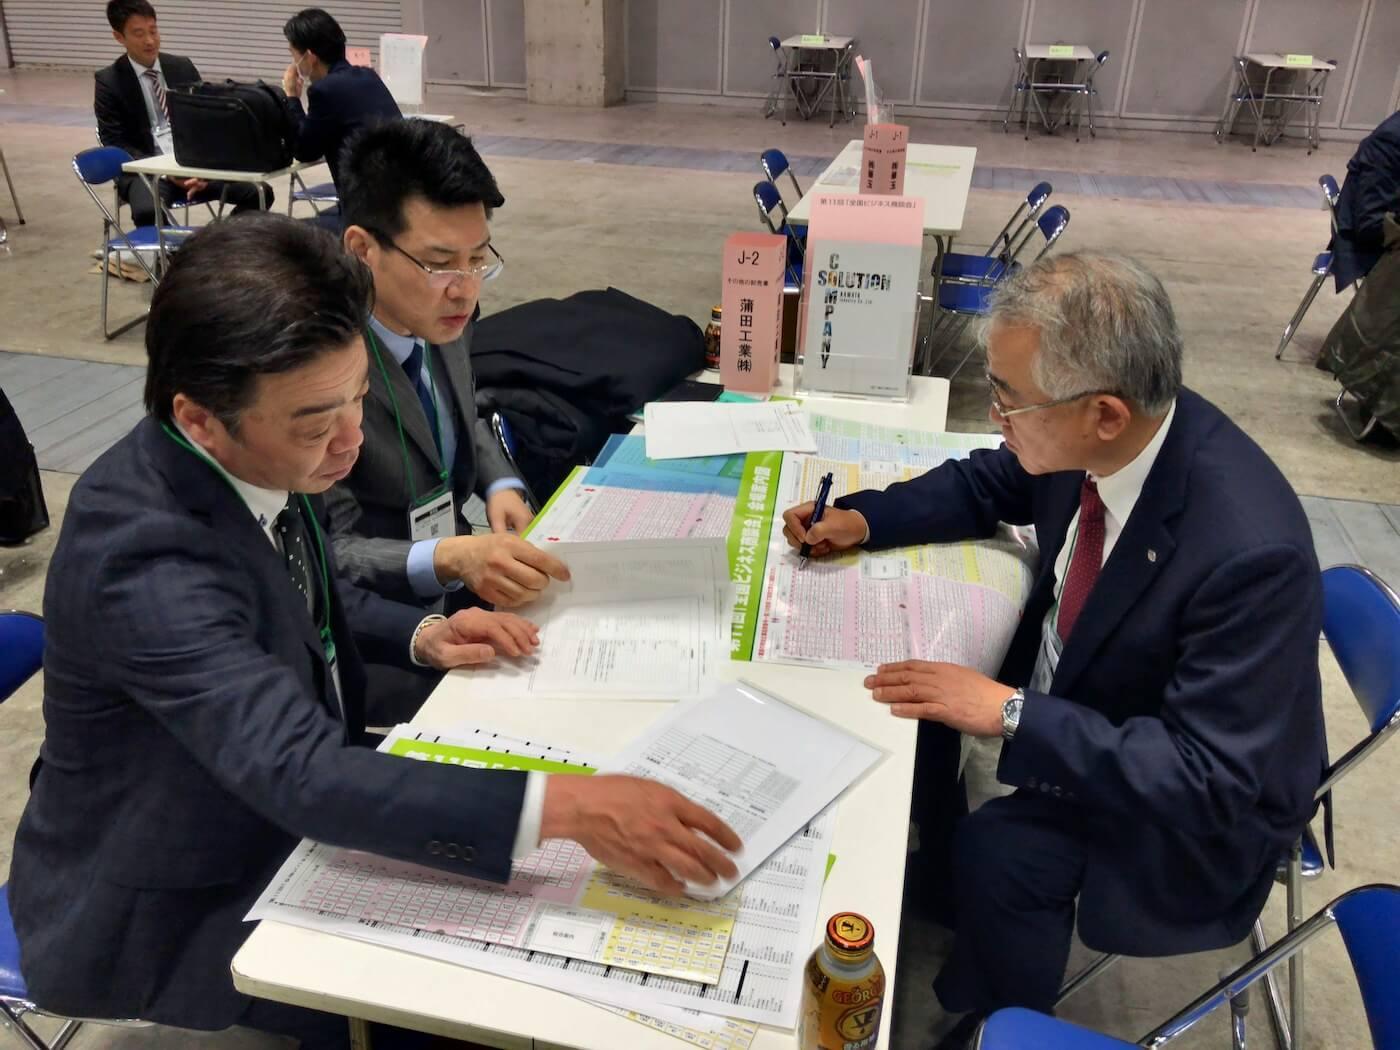 全国ビジネス商談会 - static.smktg.jp